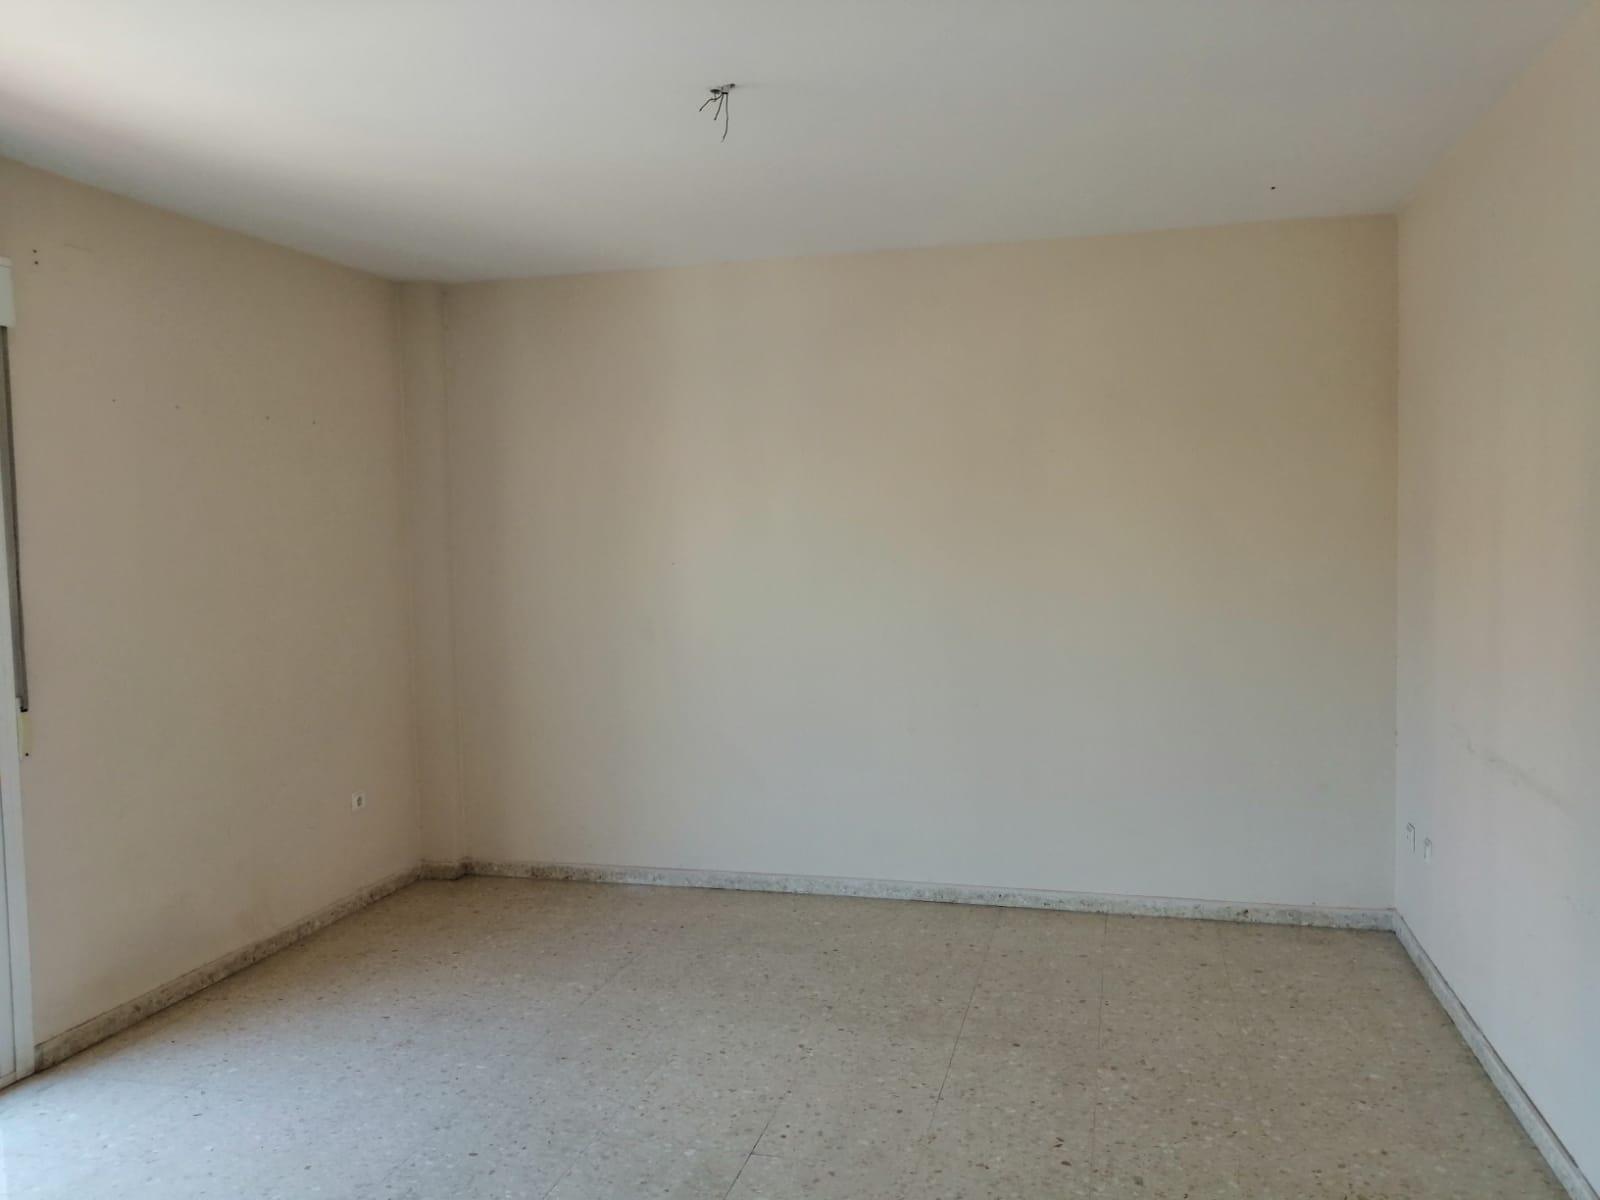 Piso en venta en Las Gabias, Granada, Calle Real Malaga, 67.300 €, 2 habitaciones, 1 baño, 82,87 m2